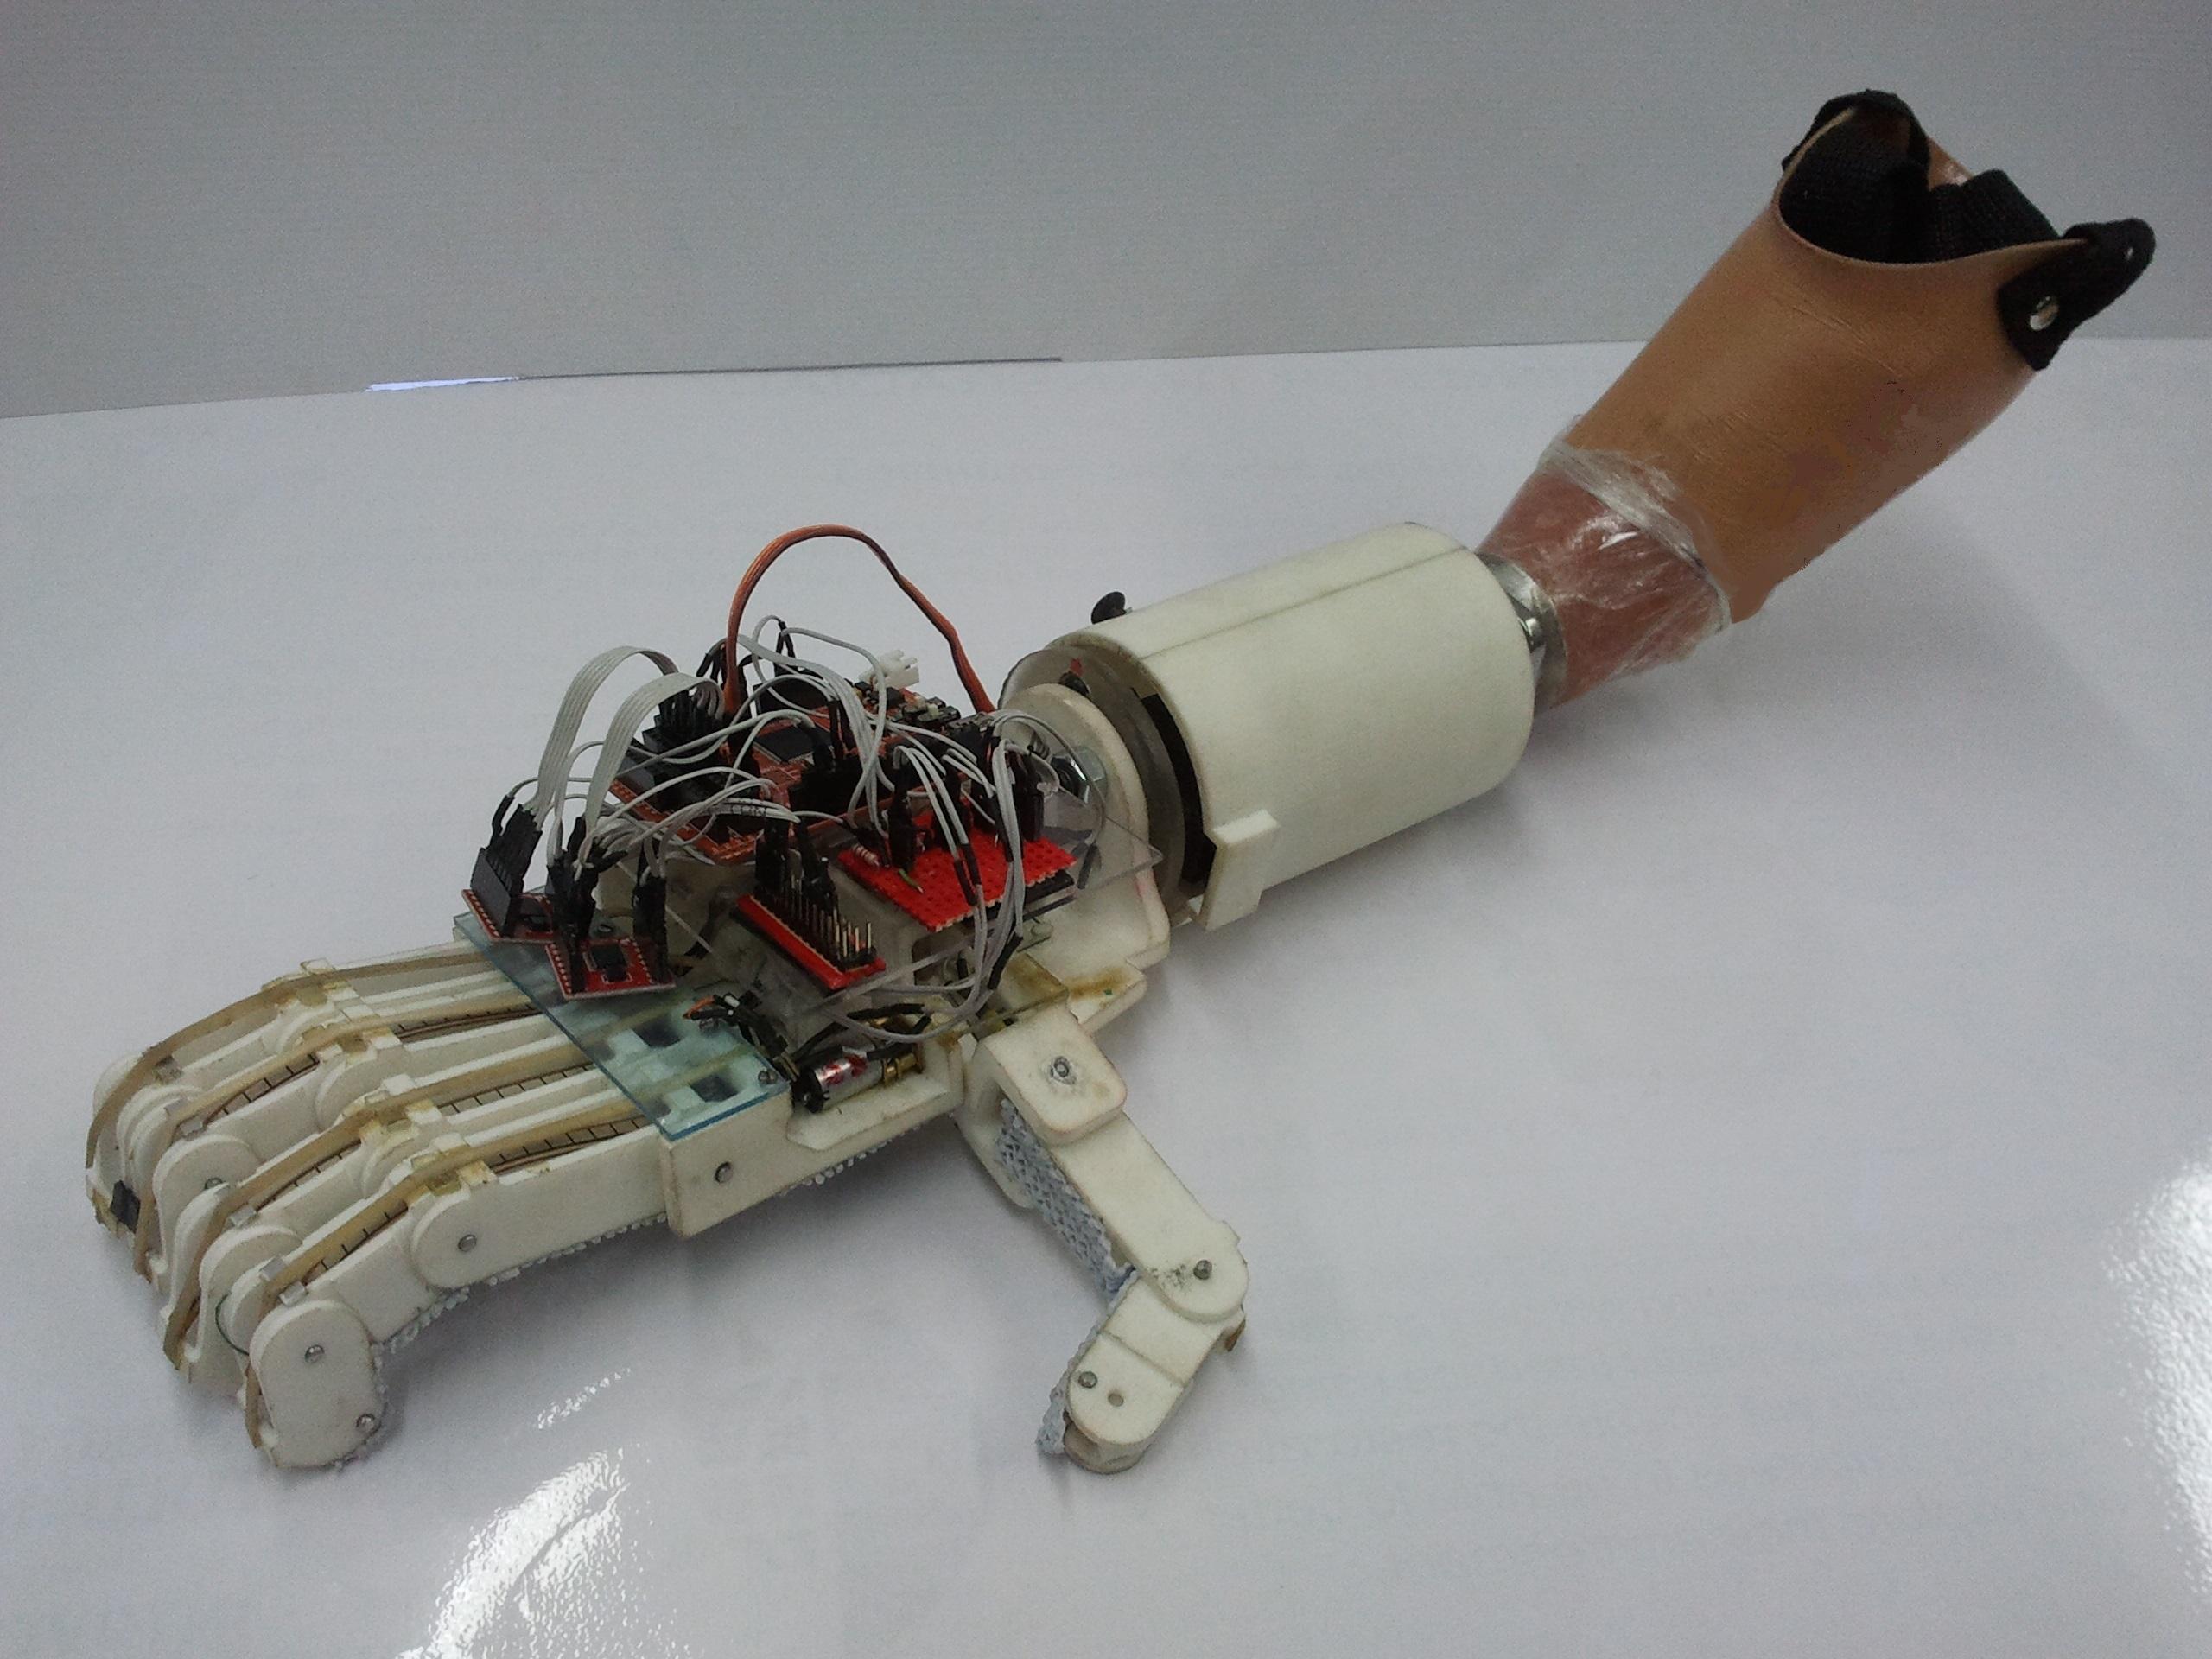 UKZN Prosthetic Hand